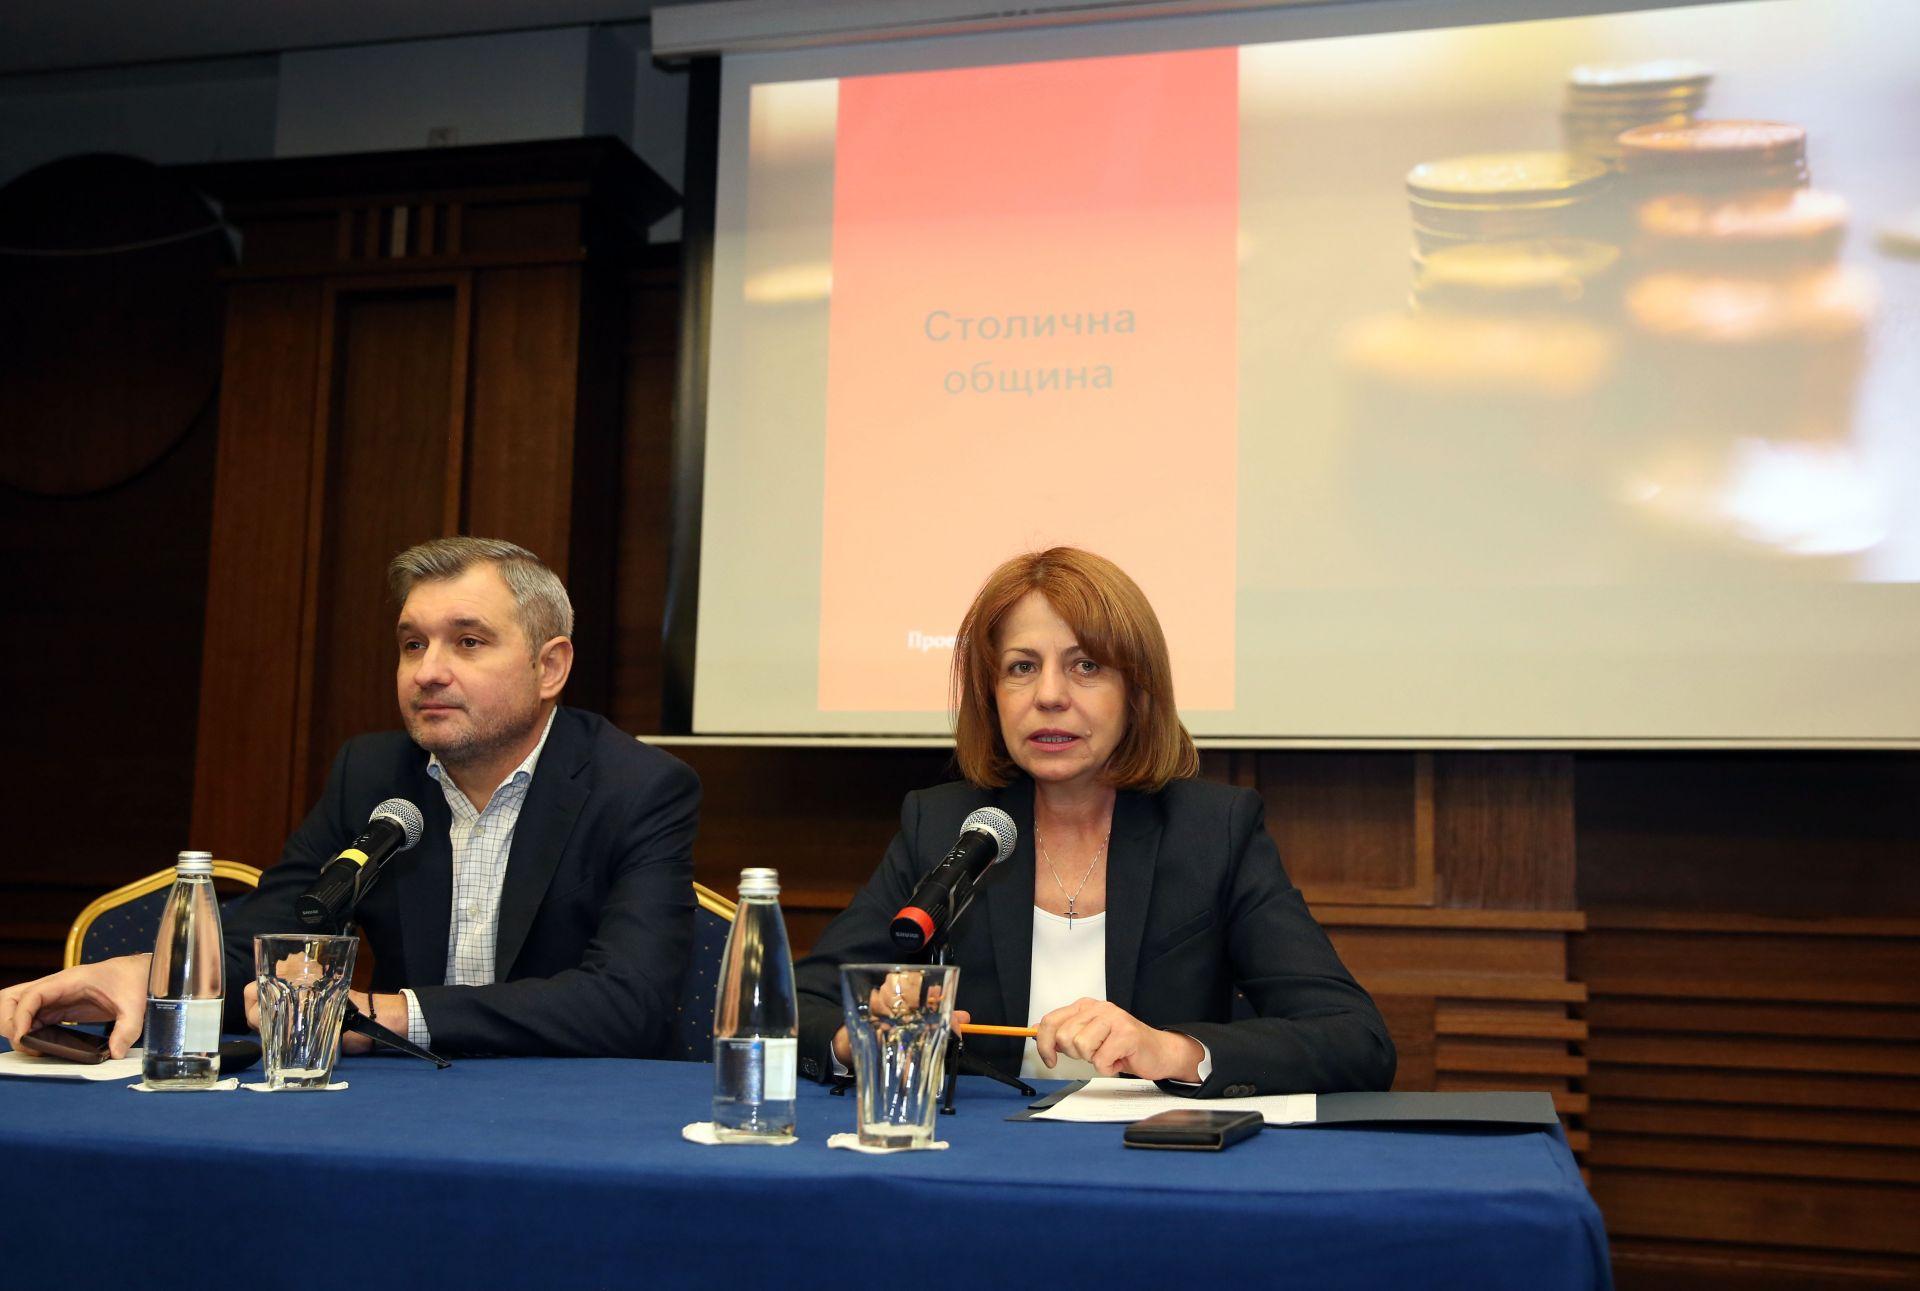 Председателят на Общинския съвет Елен Герджиков и кметът Йорданка Фандъкова